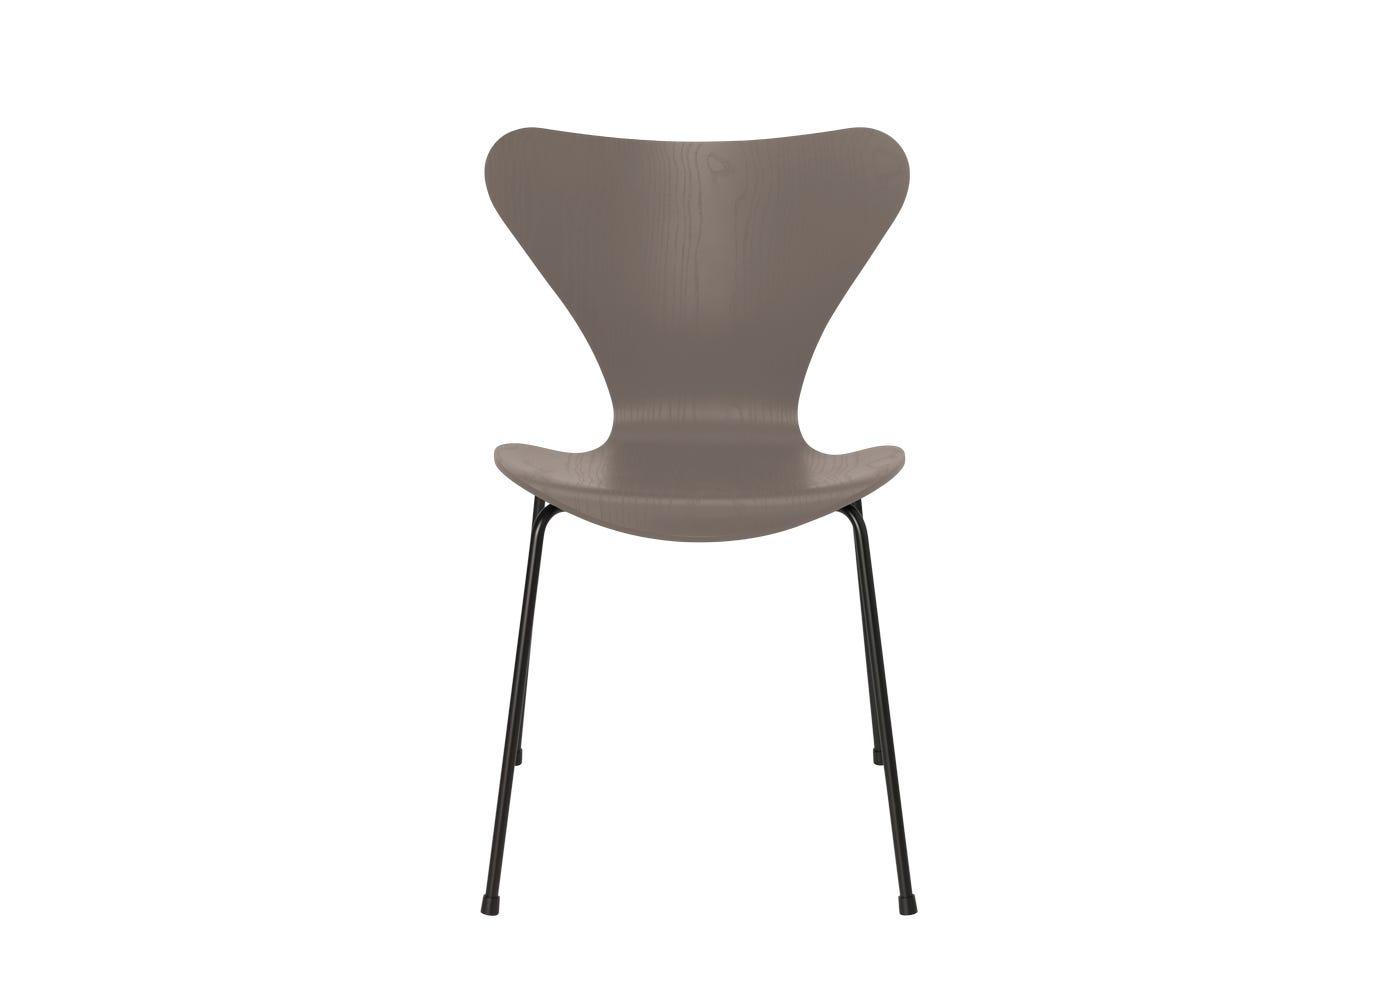 Fritz Hansen Series 7 Chair Coloured Ash Black Legs Deep Clay